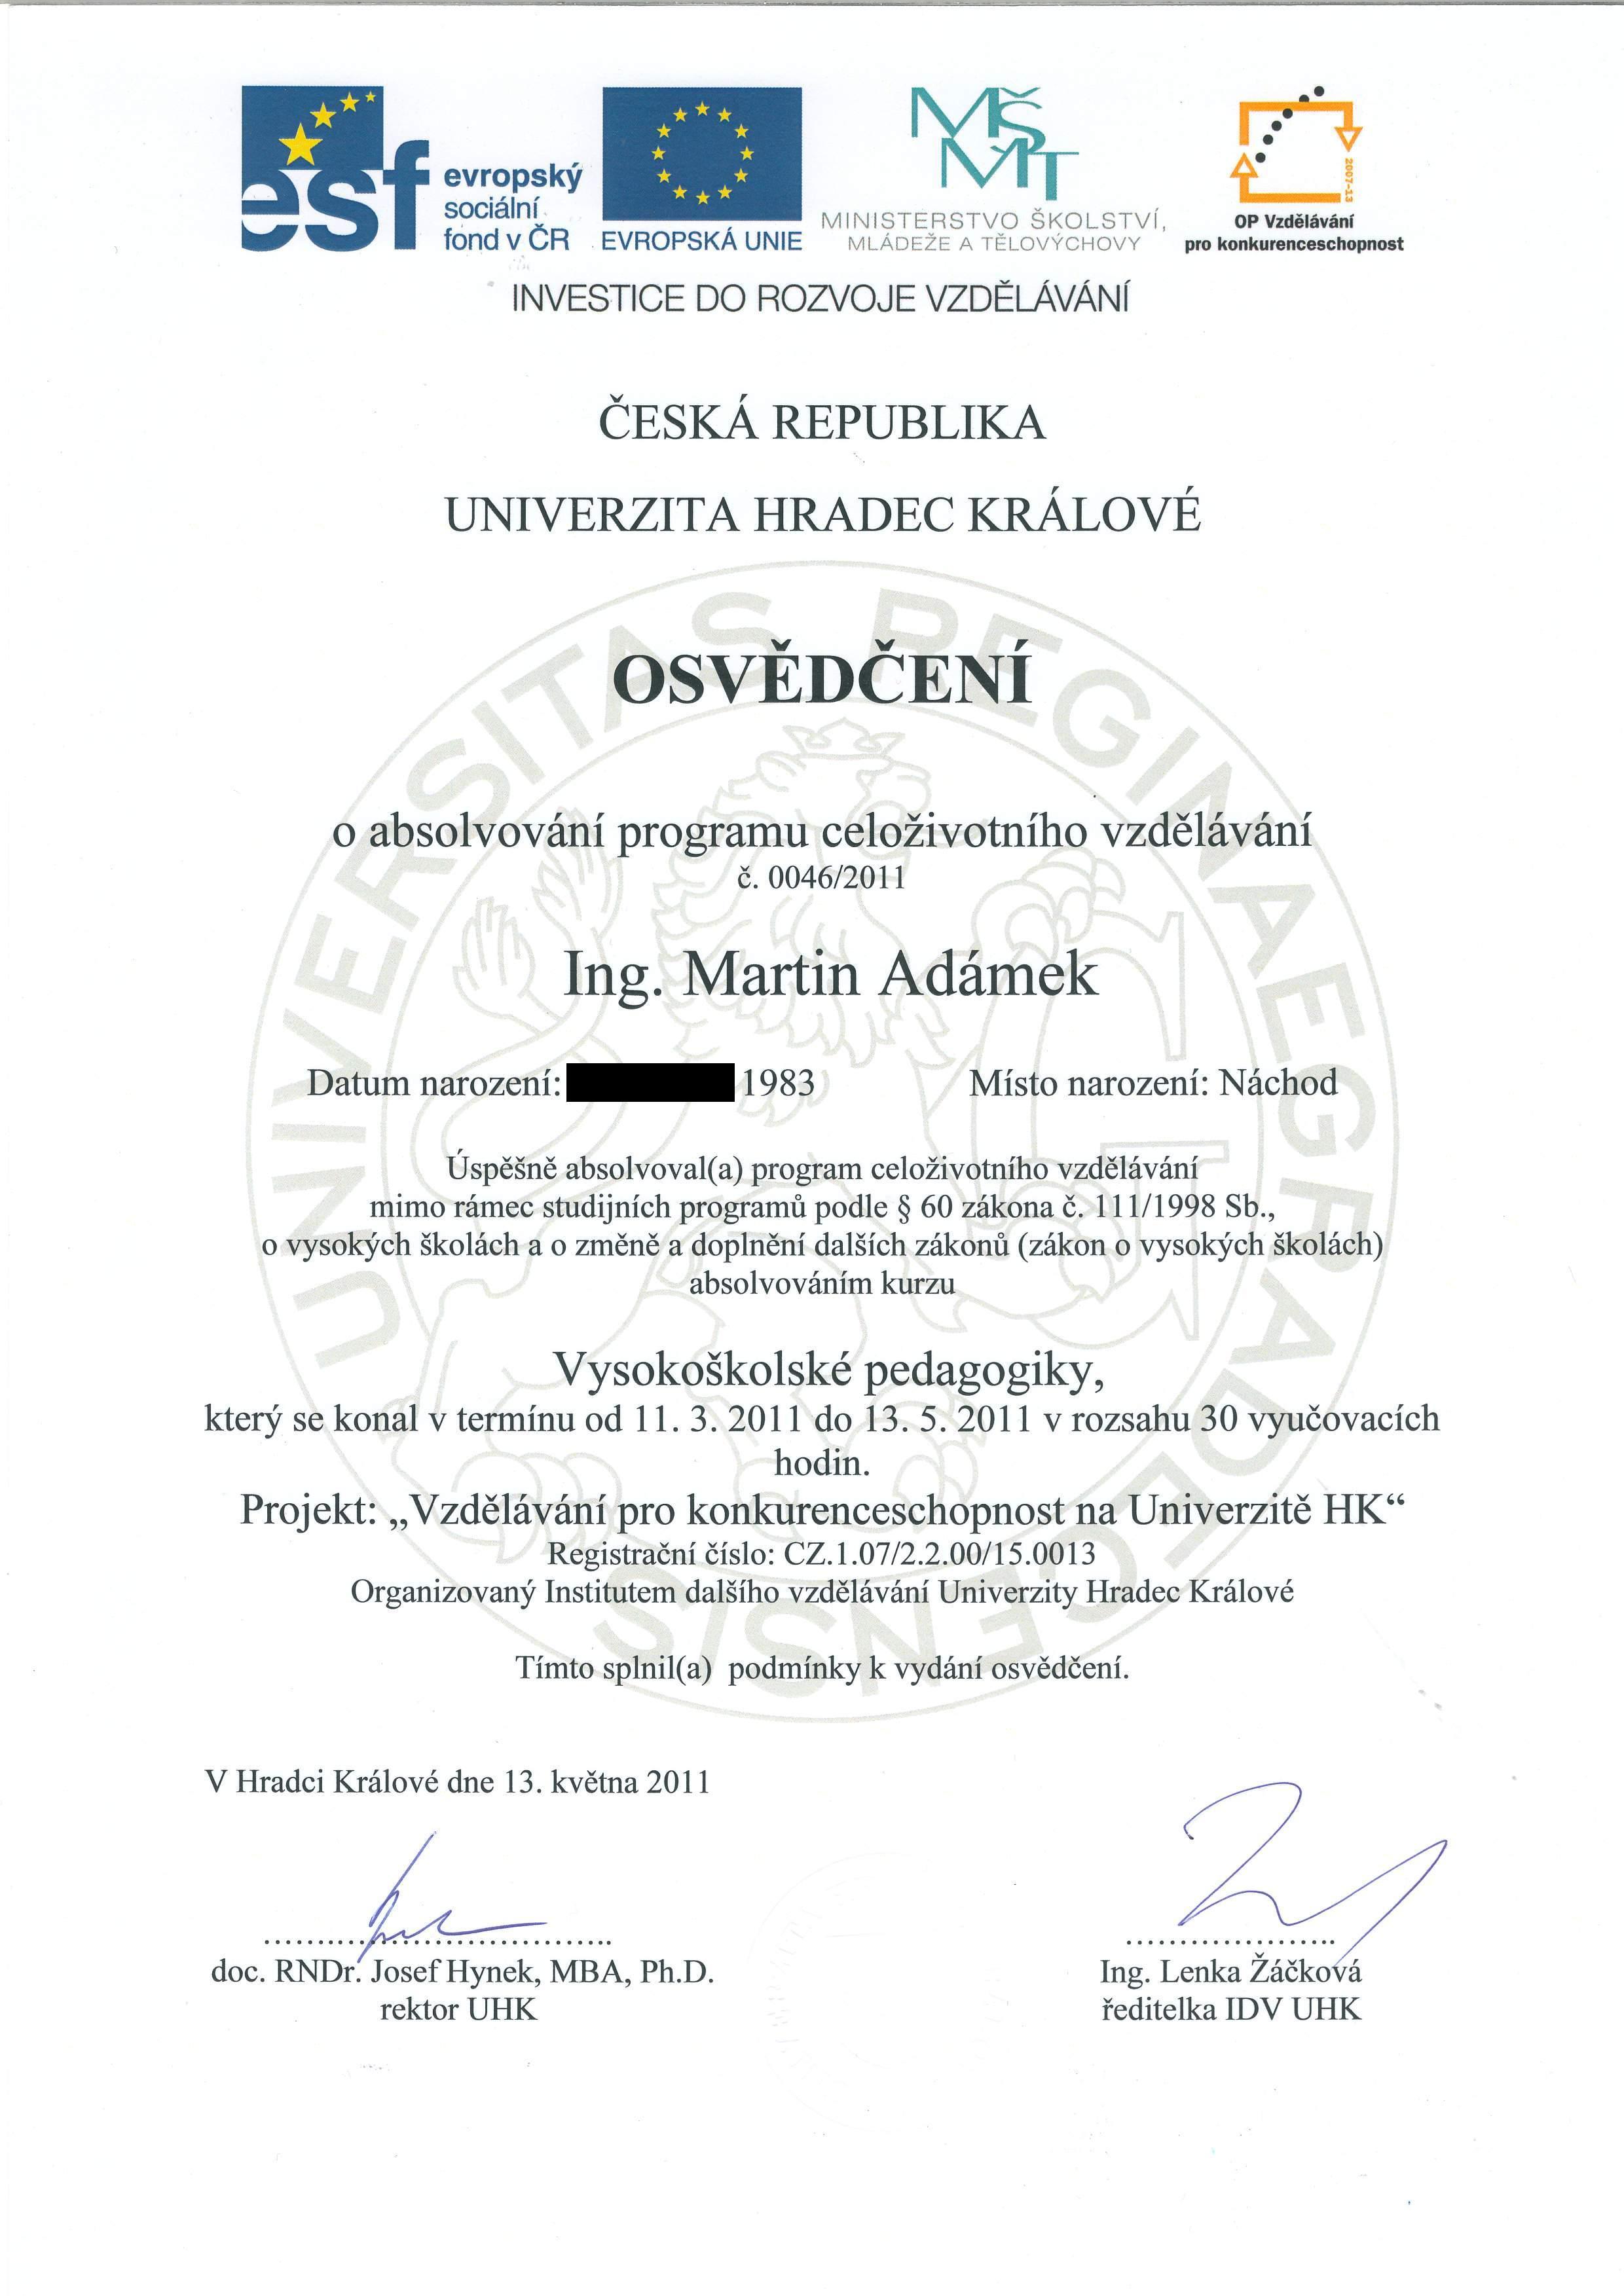 Vyuka Cestiny Polsky Cesky Jazyk Pro Polaky Nachod Kudowa Zdroj